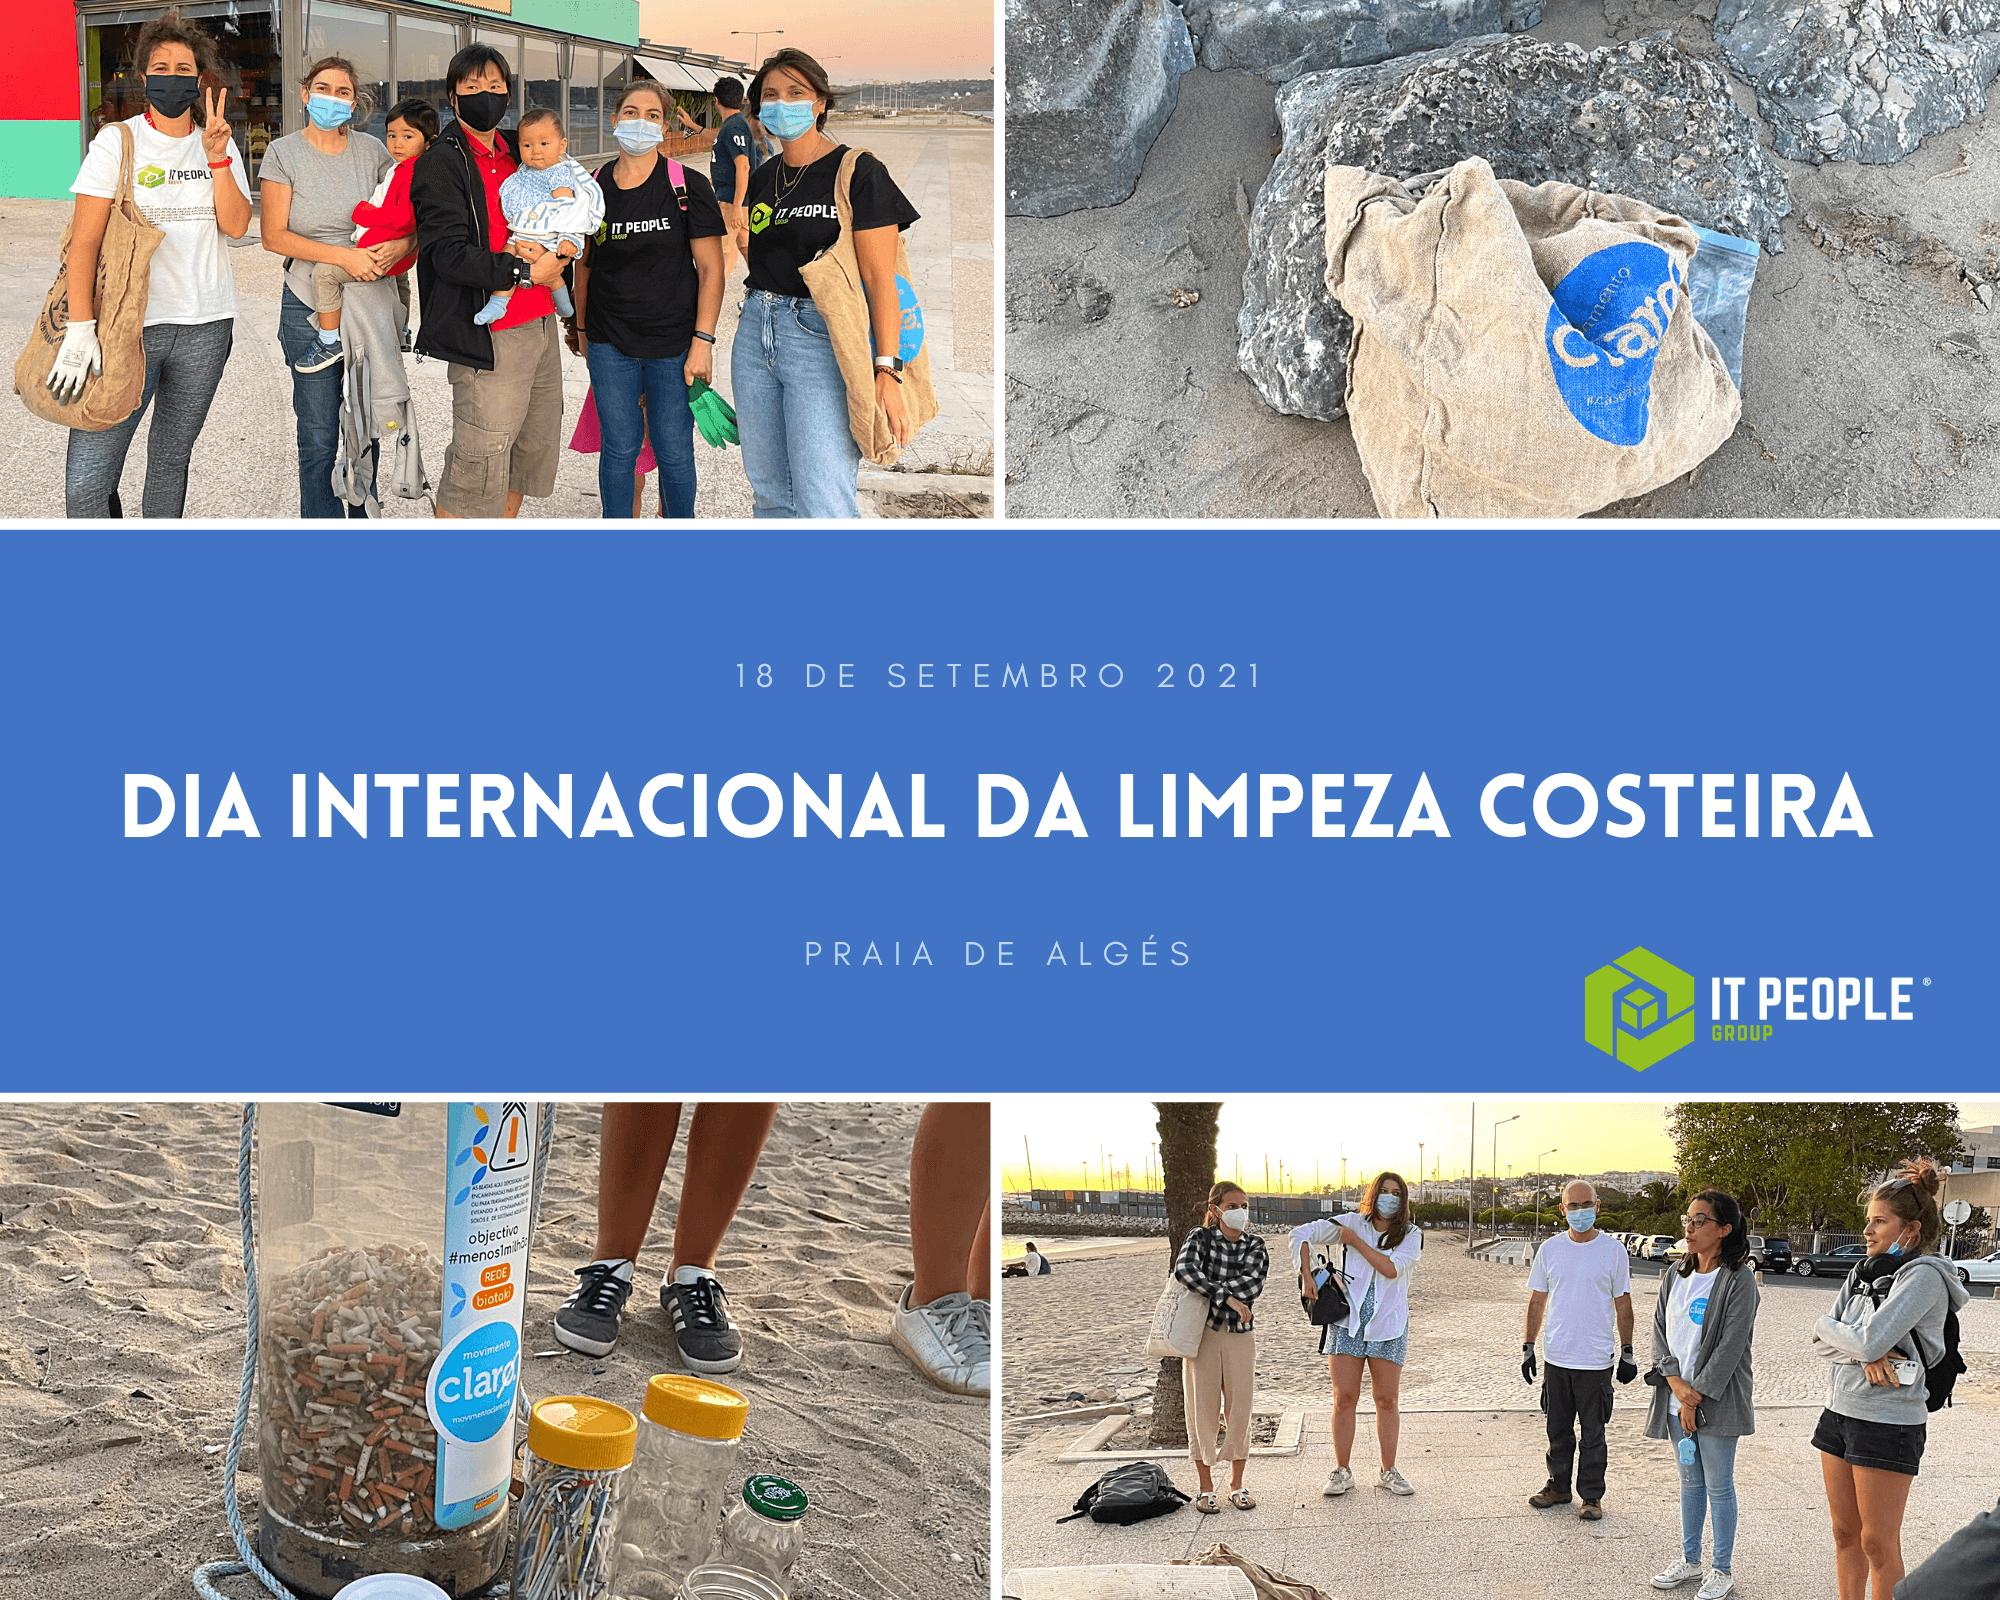 Dia Internacional da Limpeza Costeira 2021